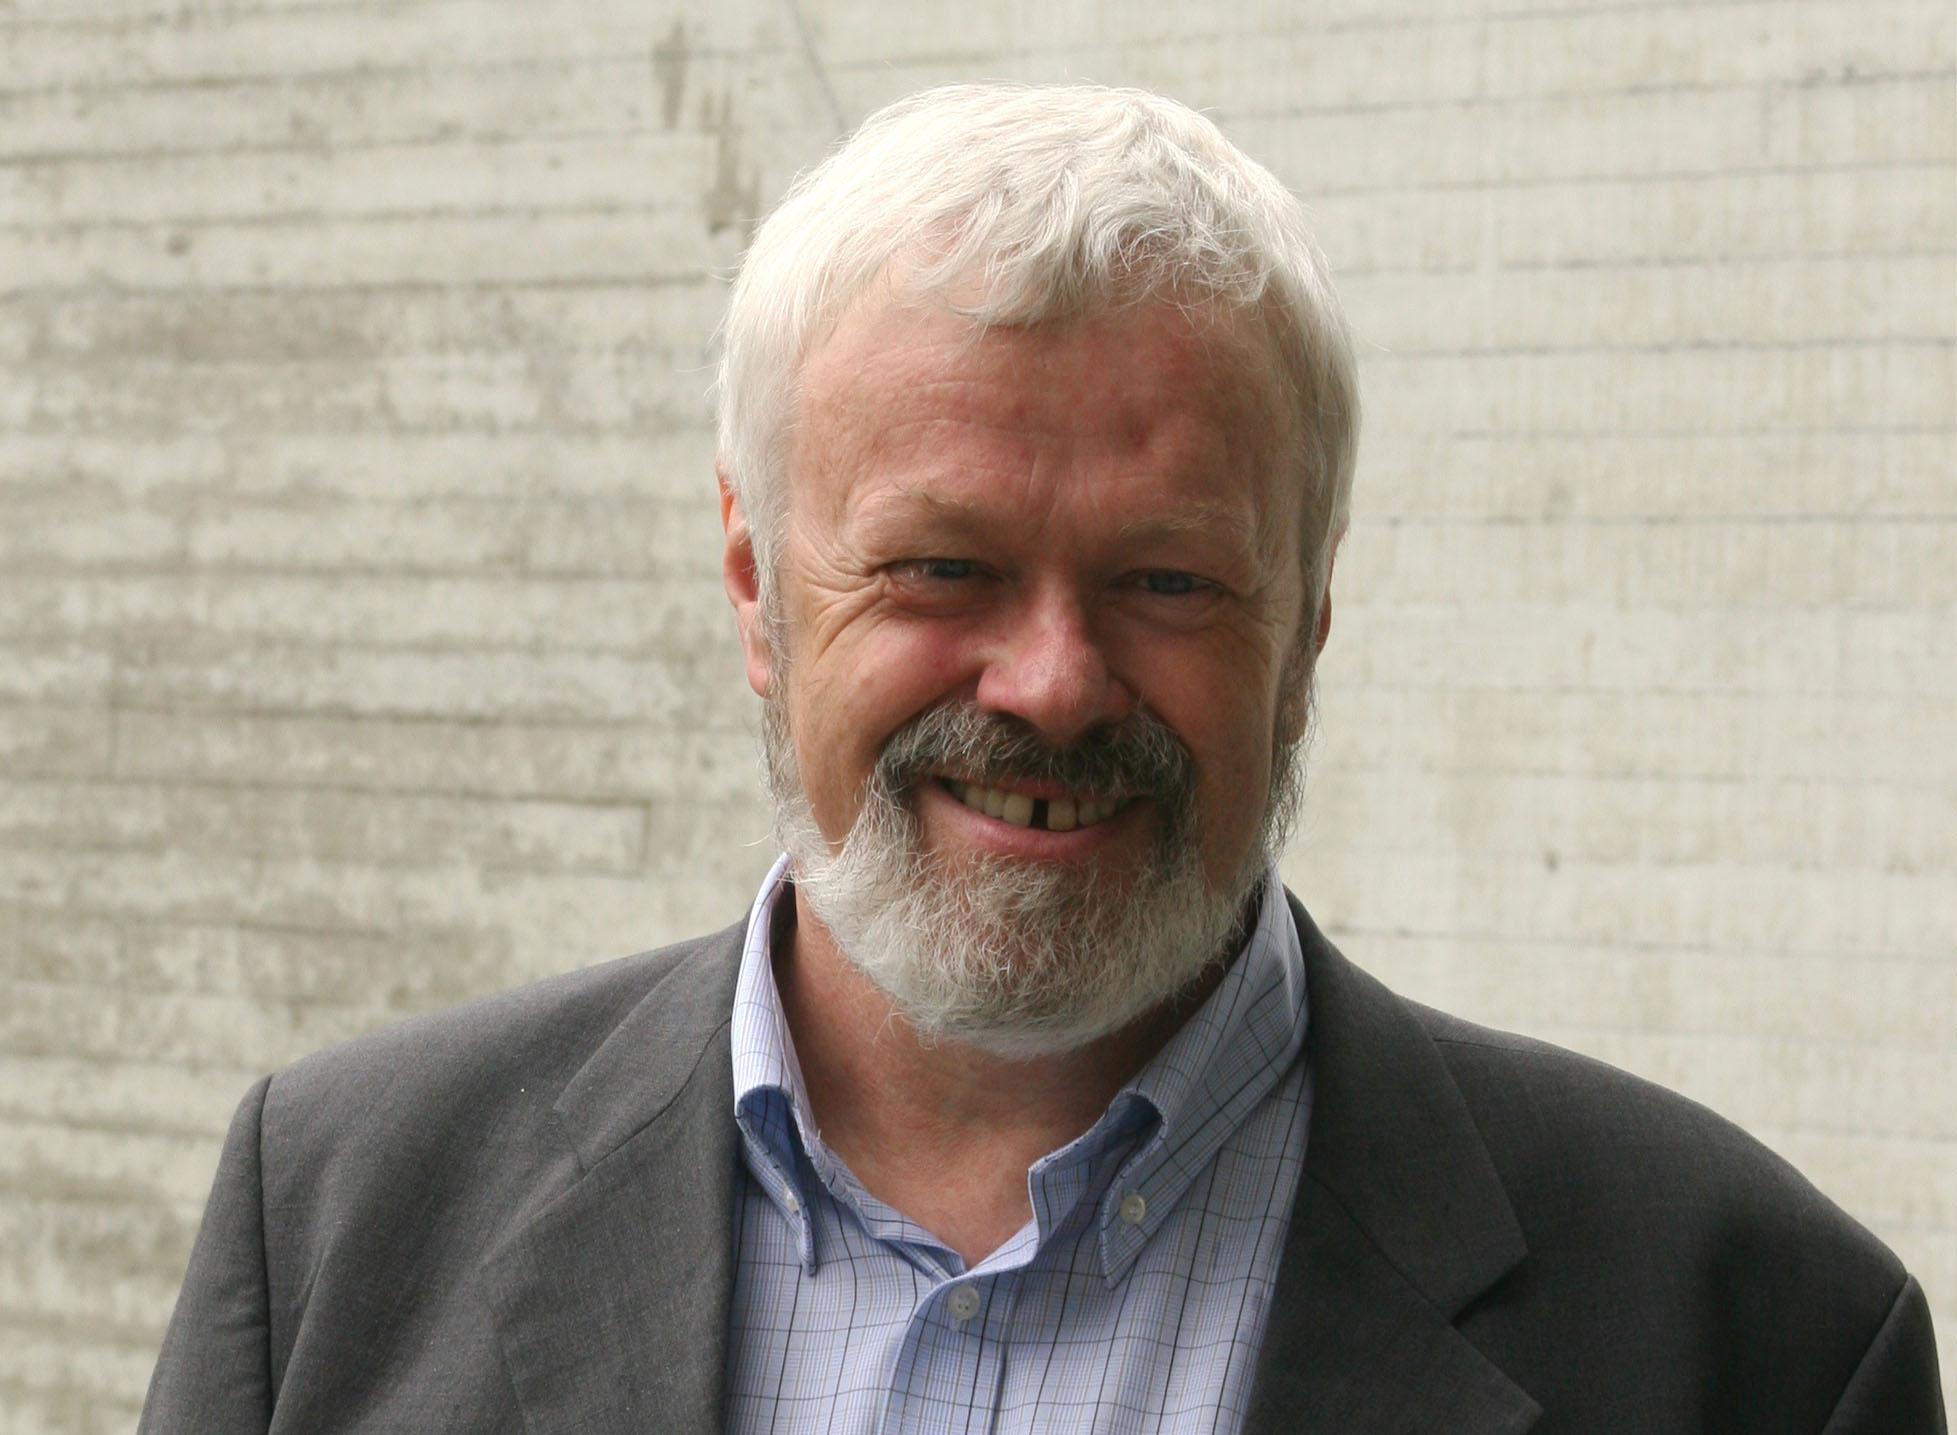 Direktør Ottar Grepstad kan gle seg over rekordresultat for Nynorsk kultursentrum. Foto: Aasentunet.no